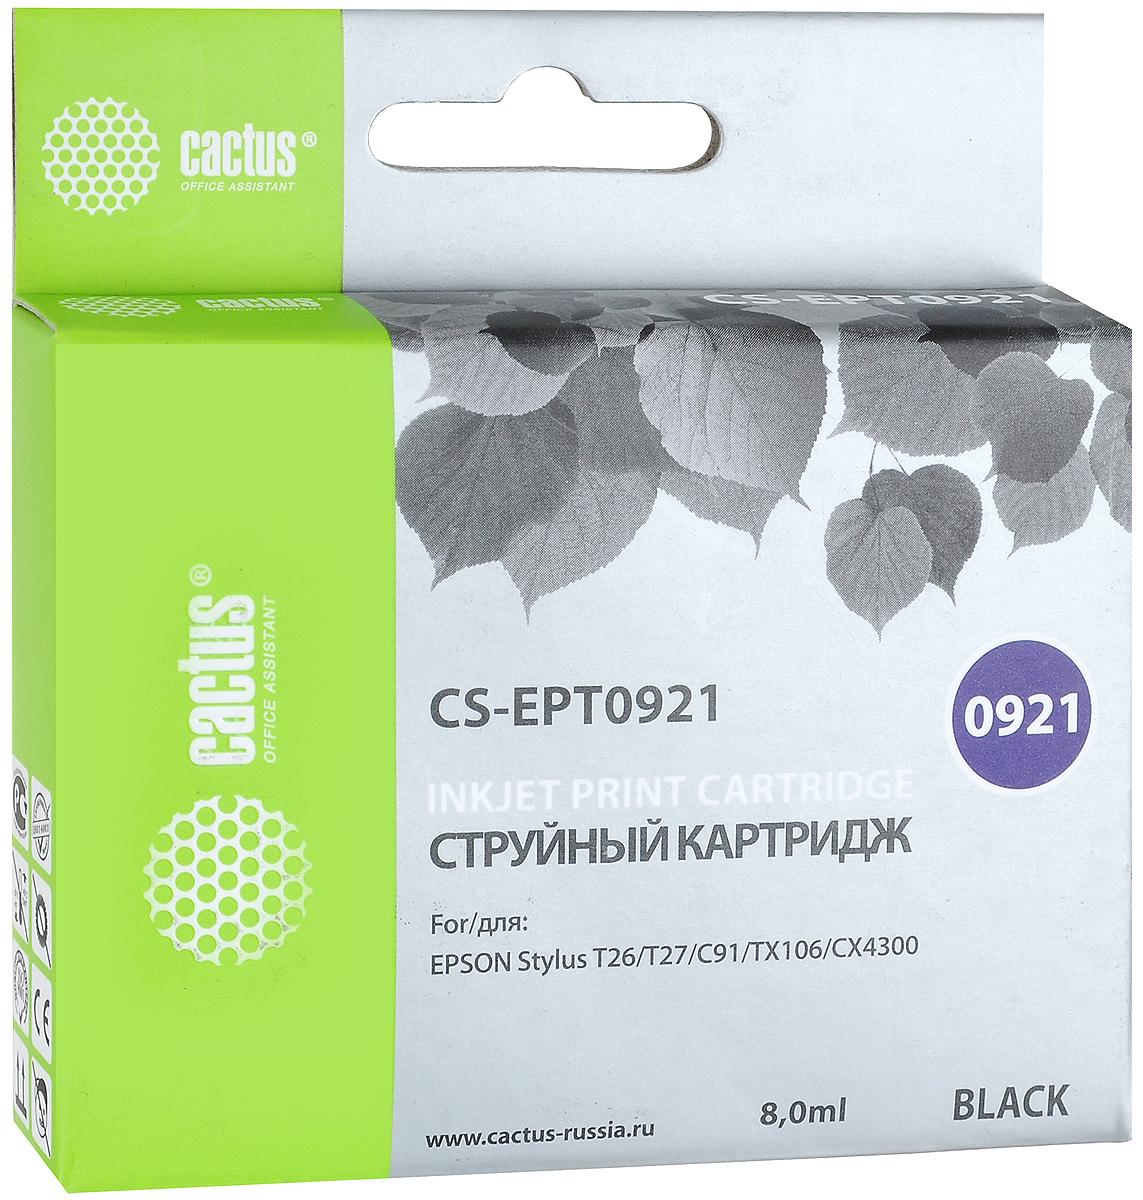 Cactus CS-EPT0921, Black картридж струйный для Epson Stylus C91/CX4300/T26/T27/TX106/TX109/TX117/TX119CS-EPT0921Картридж Cactus CS-EPT0921 для струйных принтеров Epson Stylus C91/CX4300/T26/T27/TX106/TX109/TX117/TX119.Расходные материалы Cactus для печати максимизируют характеристики принтера. Обеспечивают повышенную четкость изображения и плавность переходов оттенков и полутонов, позволяют отображать мельчайшие детали изображения. Обеспечивают надежное качество печати.Уважаемые клиенты! Обращаем ваше внимание на то, что упаковка может иметь несколько видов дизайна. Поставка осуществляется в зависимости от наличия на складе.